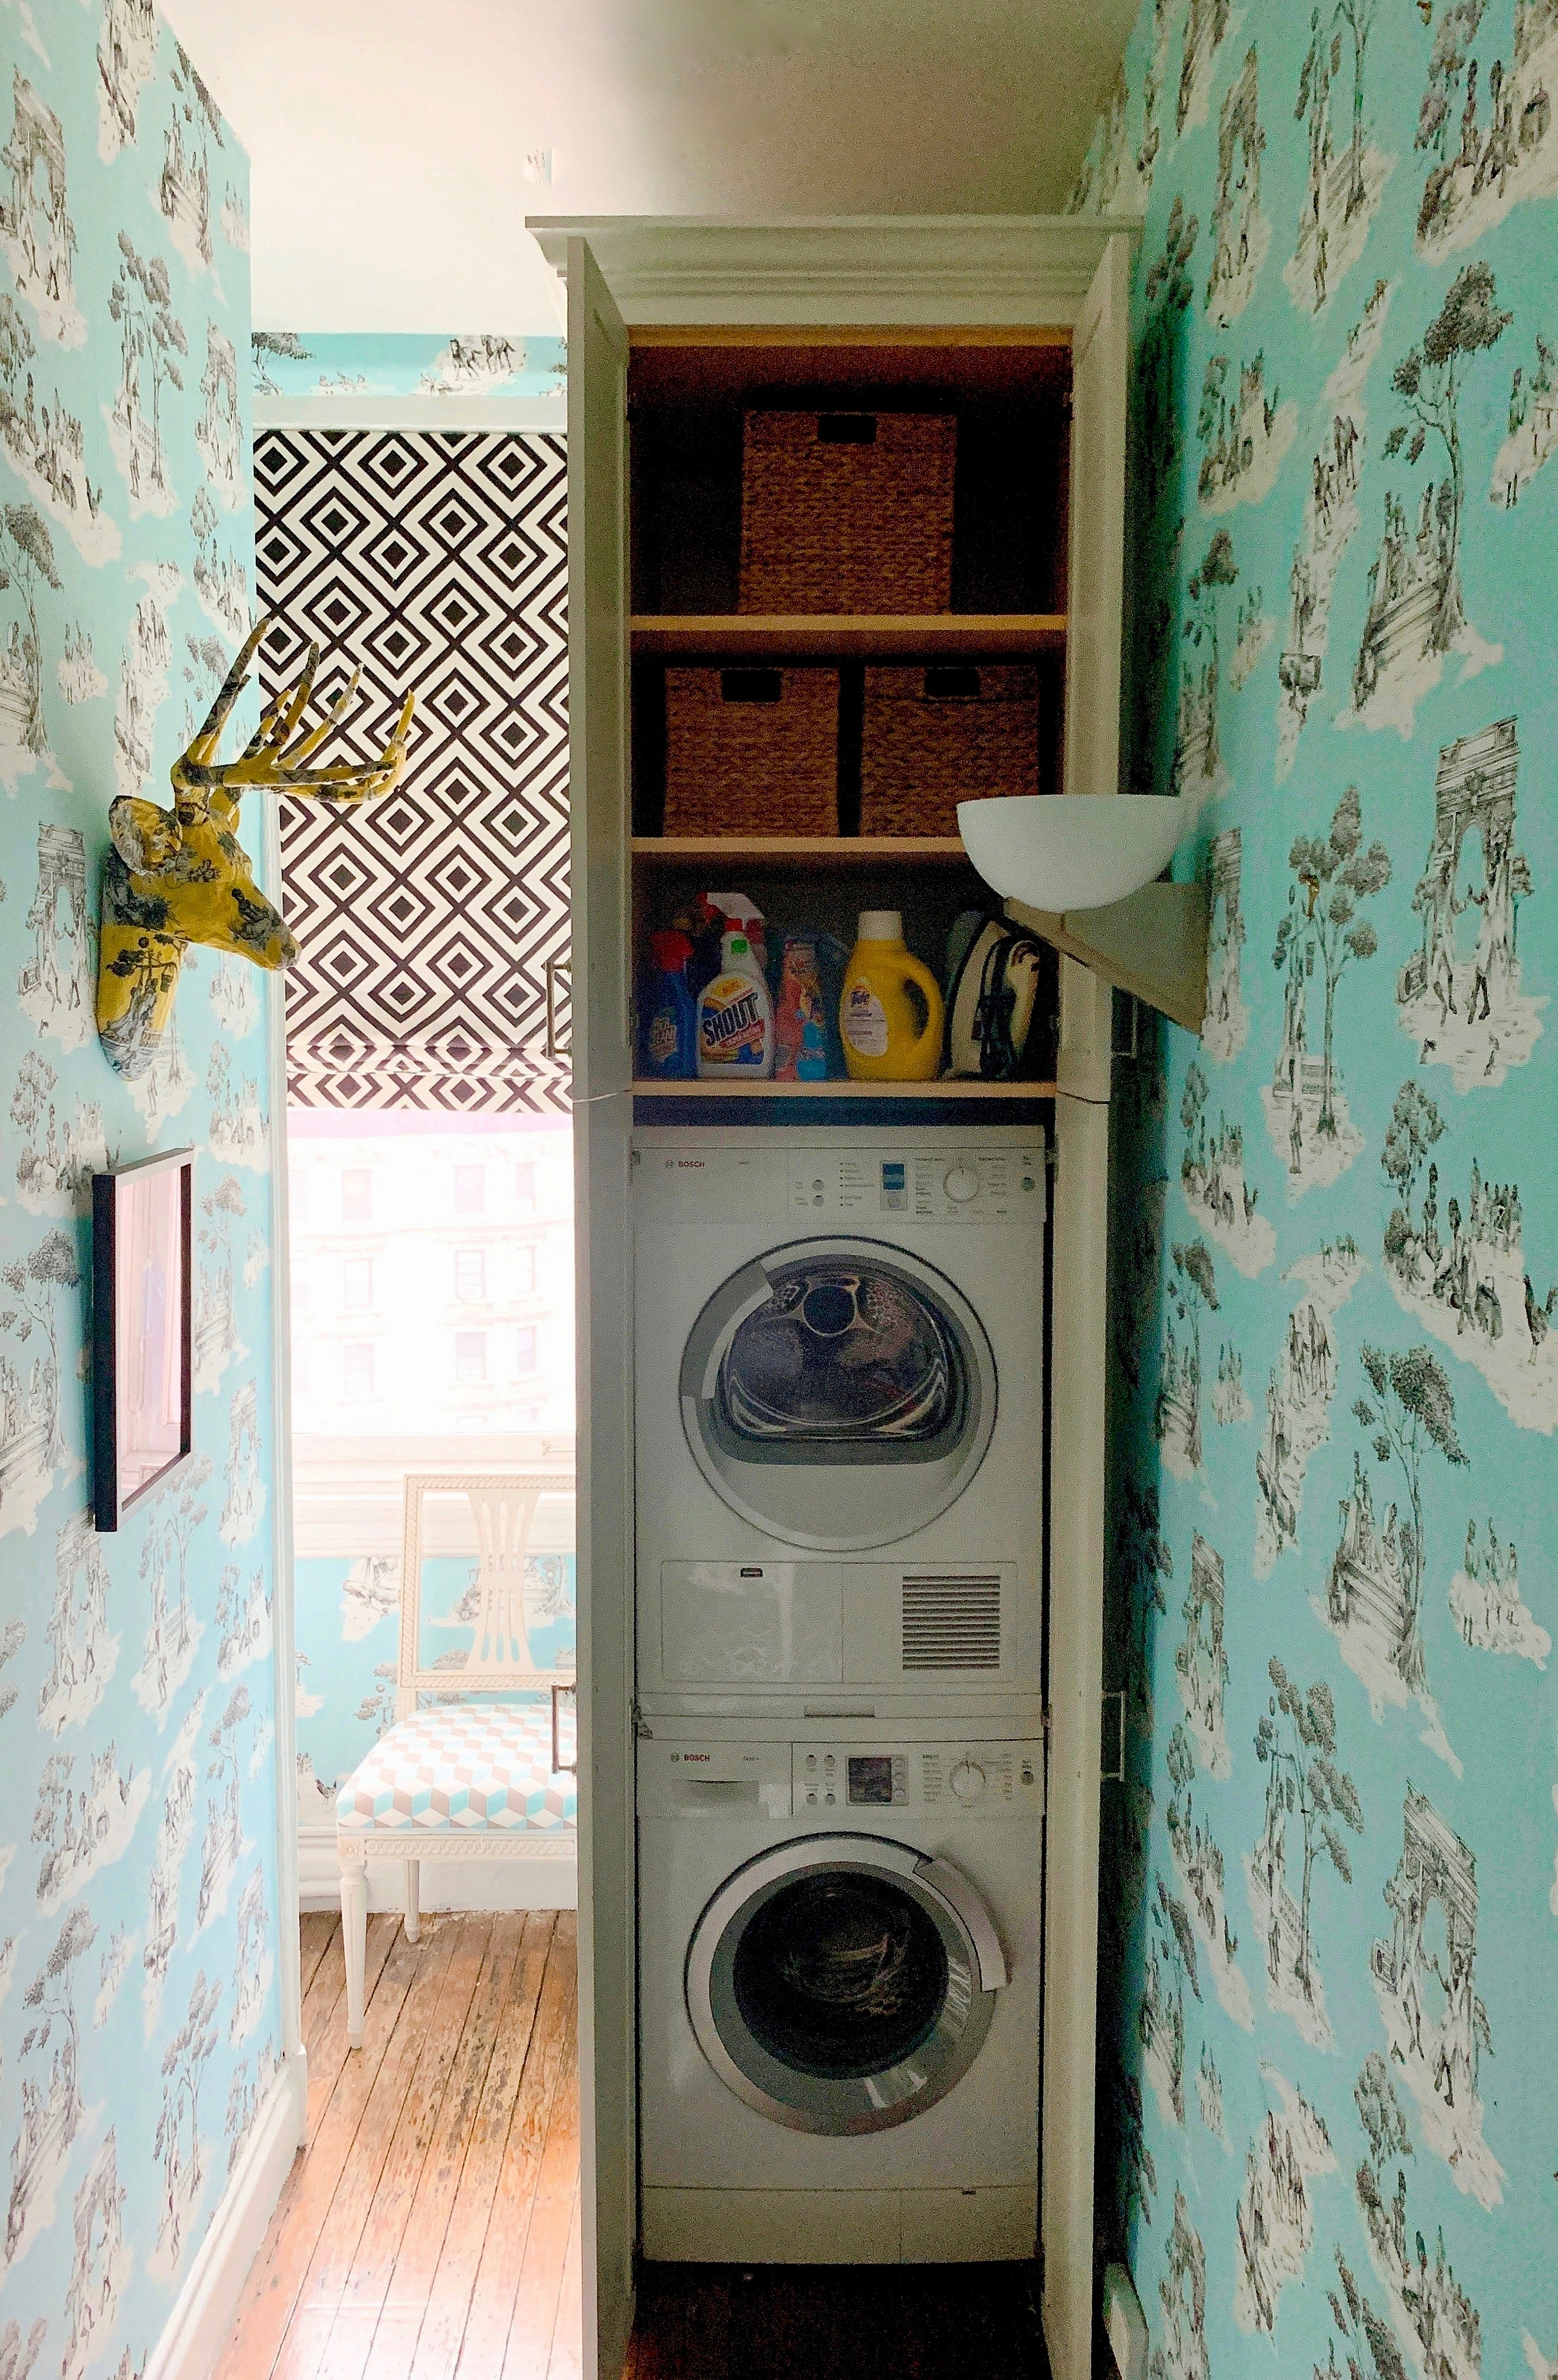 Laundry Room Organizing And Decorating Tips The Washington Post